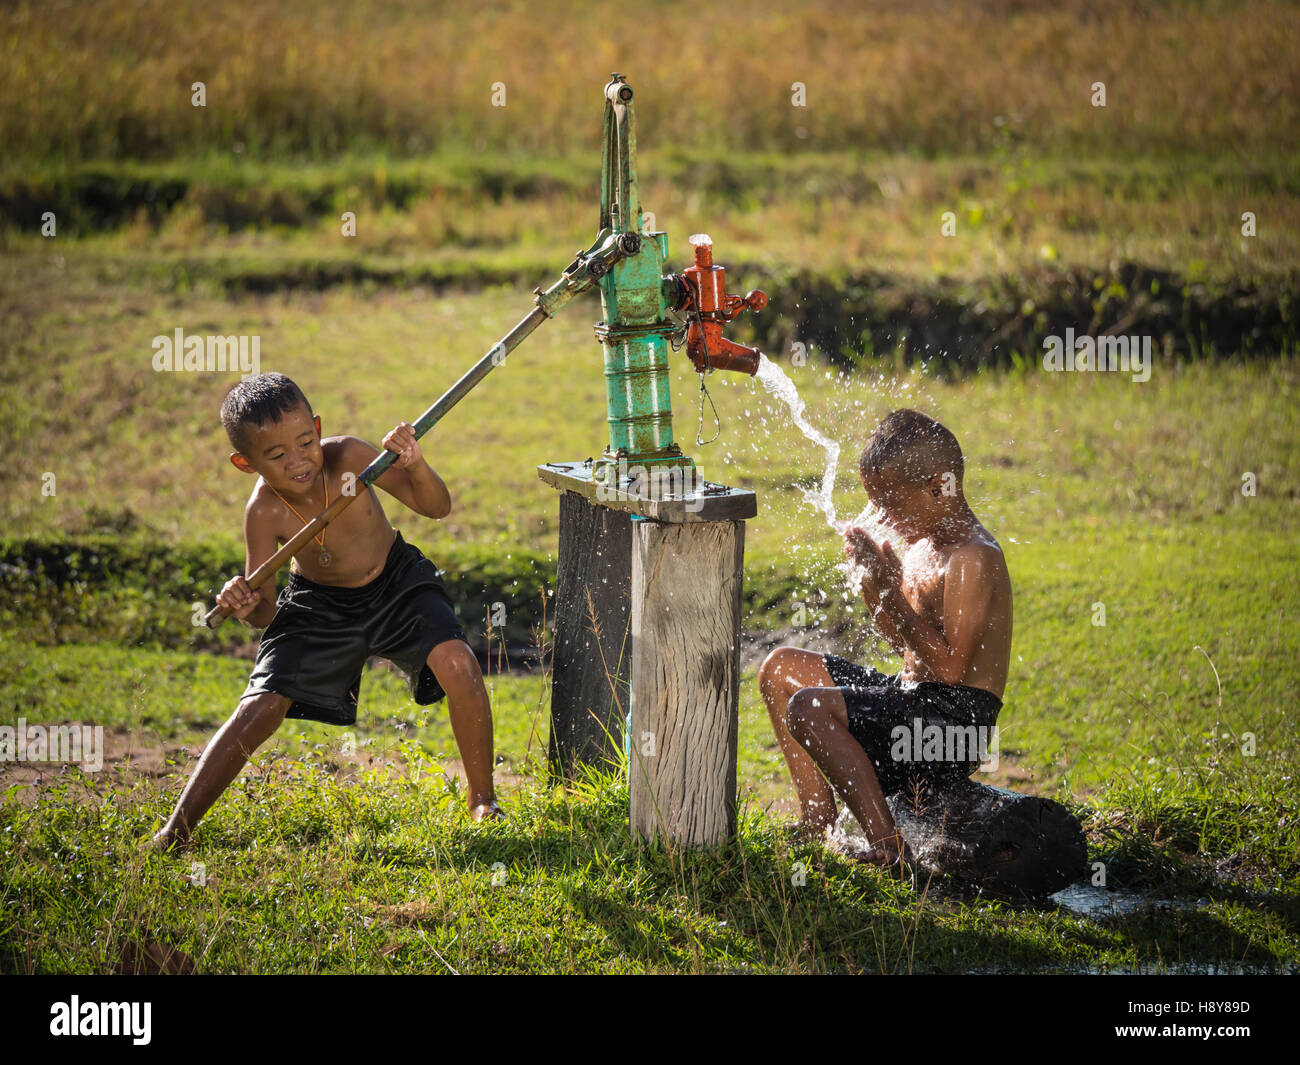 Due giovani boy dondolo bagnarsi nelle acque sotterranee nei giorni caldi, campagna della Thailandia. Immagini Stock